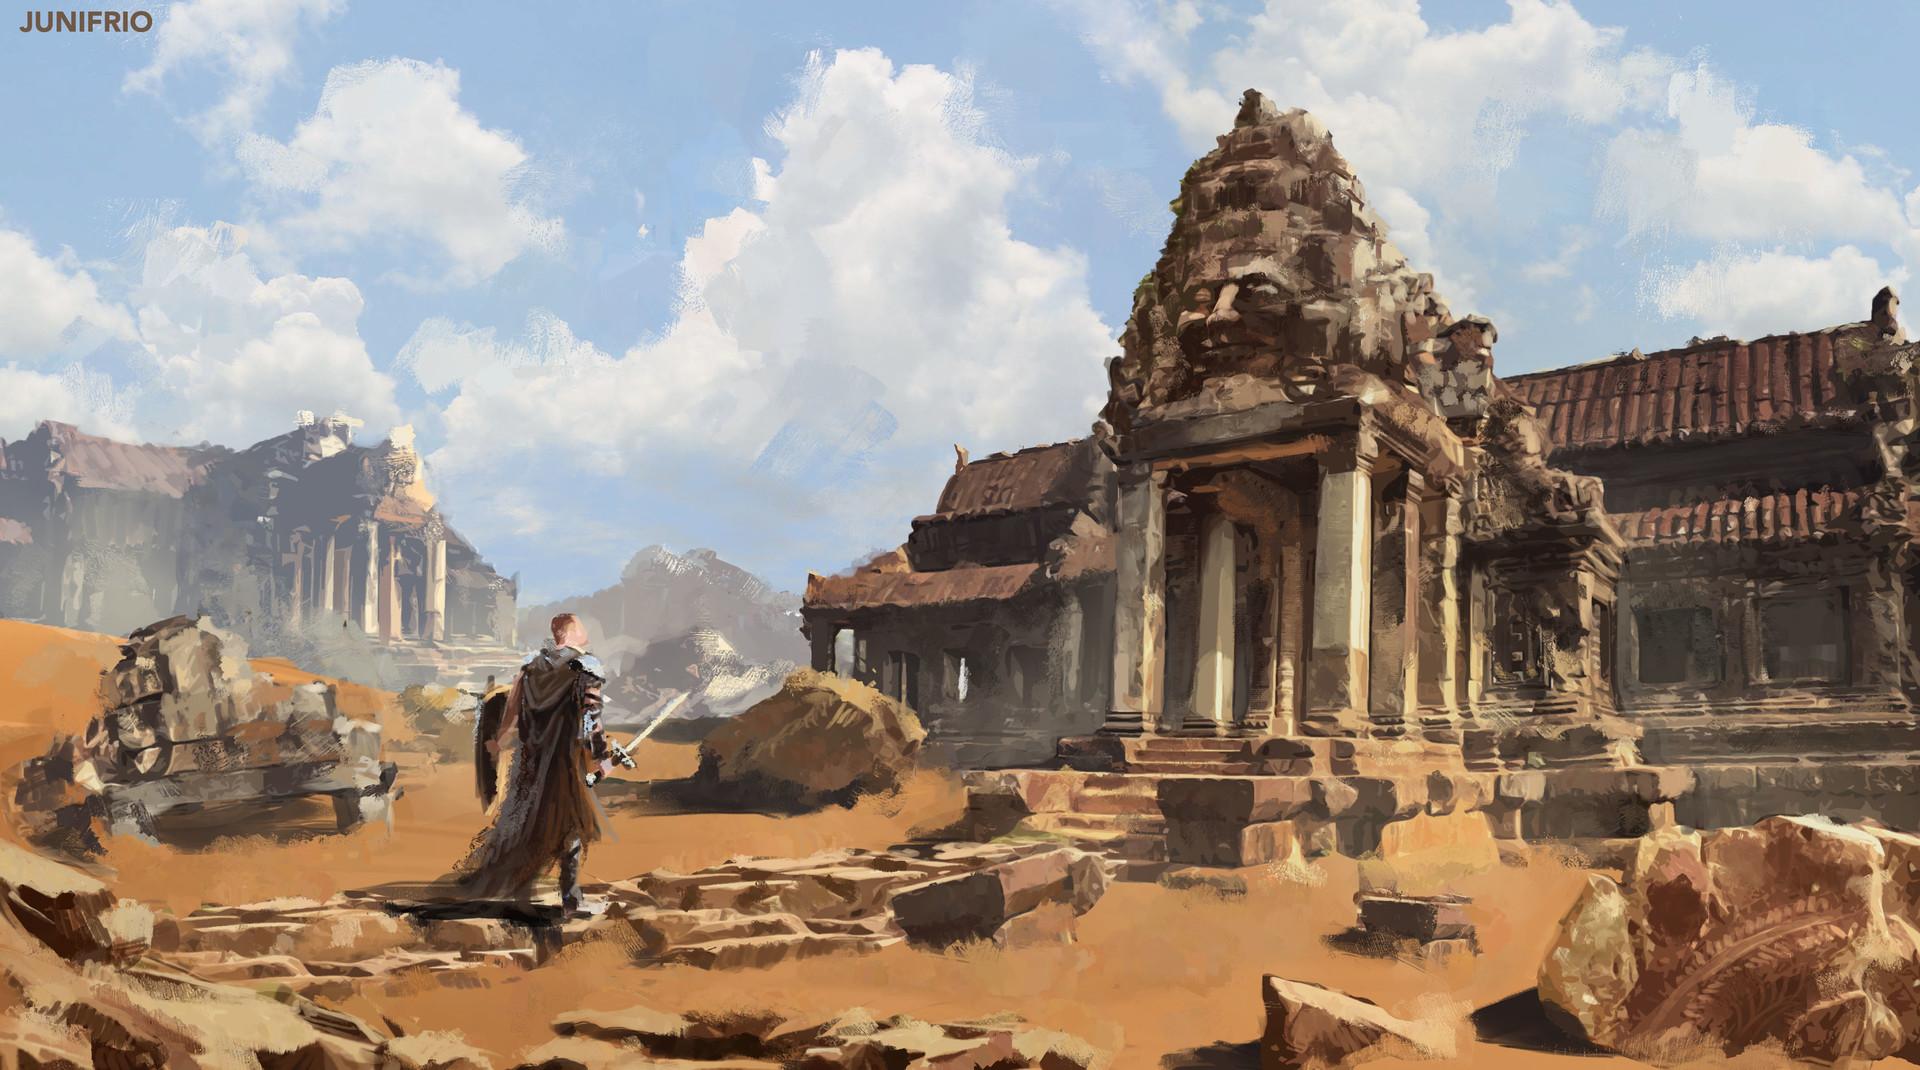 Songshu Mountain and surrounding areas Juni-frio-desert-ruins-2b